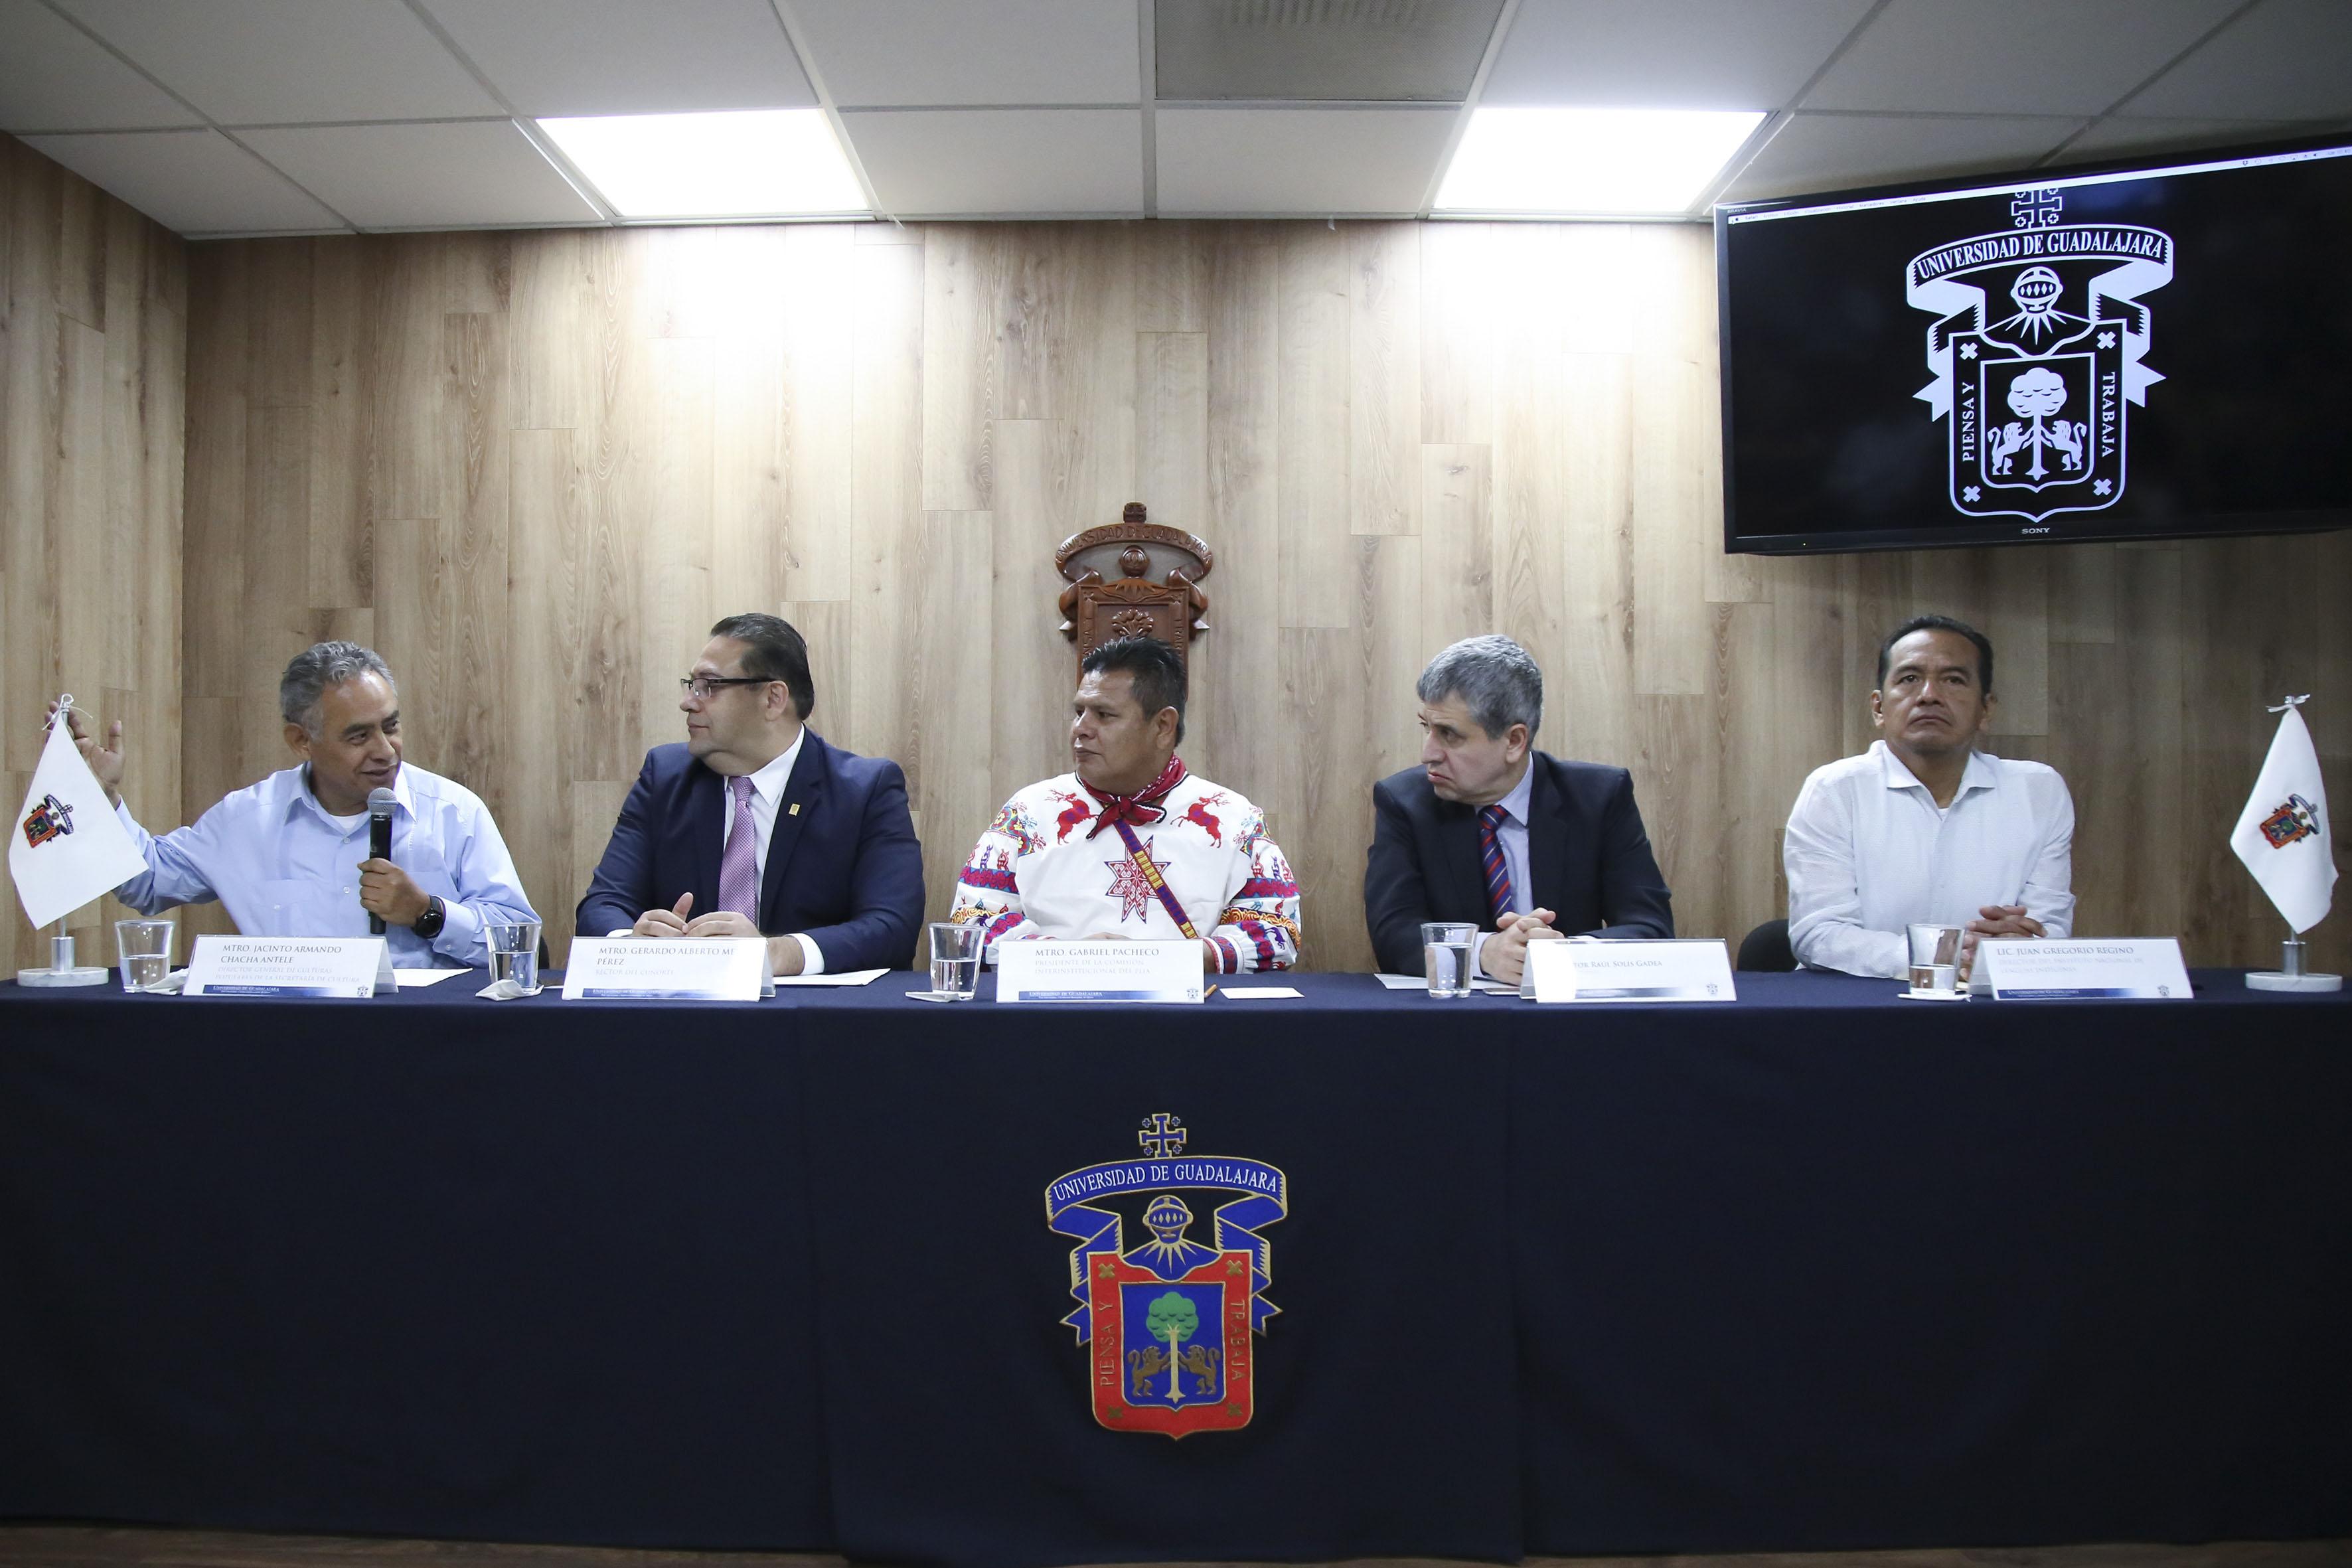 Rueda de prensa para dar a conocer los detalles de la convocatoria del Premio de Literaturas Indígenas de América (PLIA)